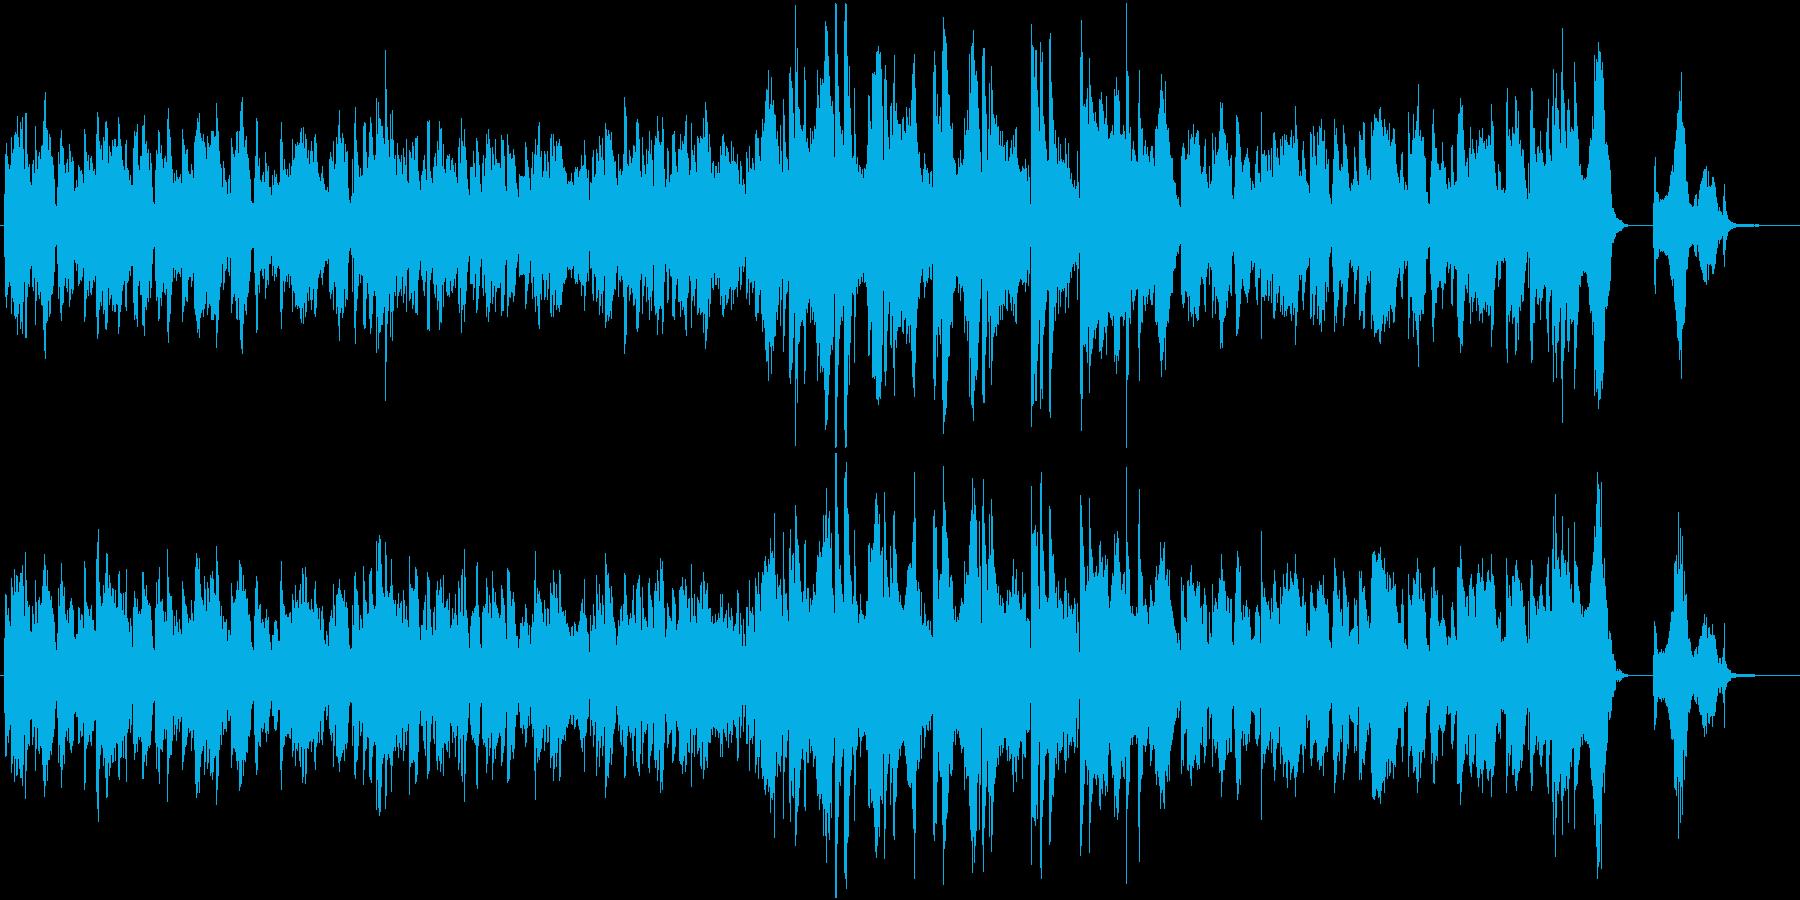 哀愁たっぷりなヴァイオリンとピアノBGMの再生済みの波形